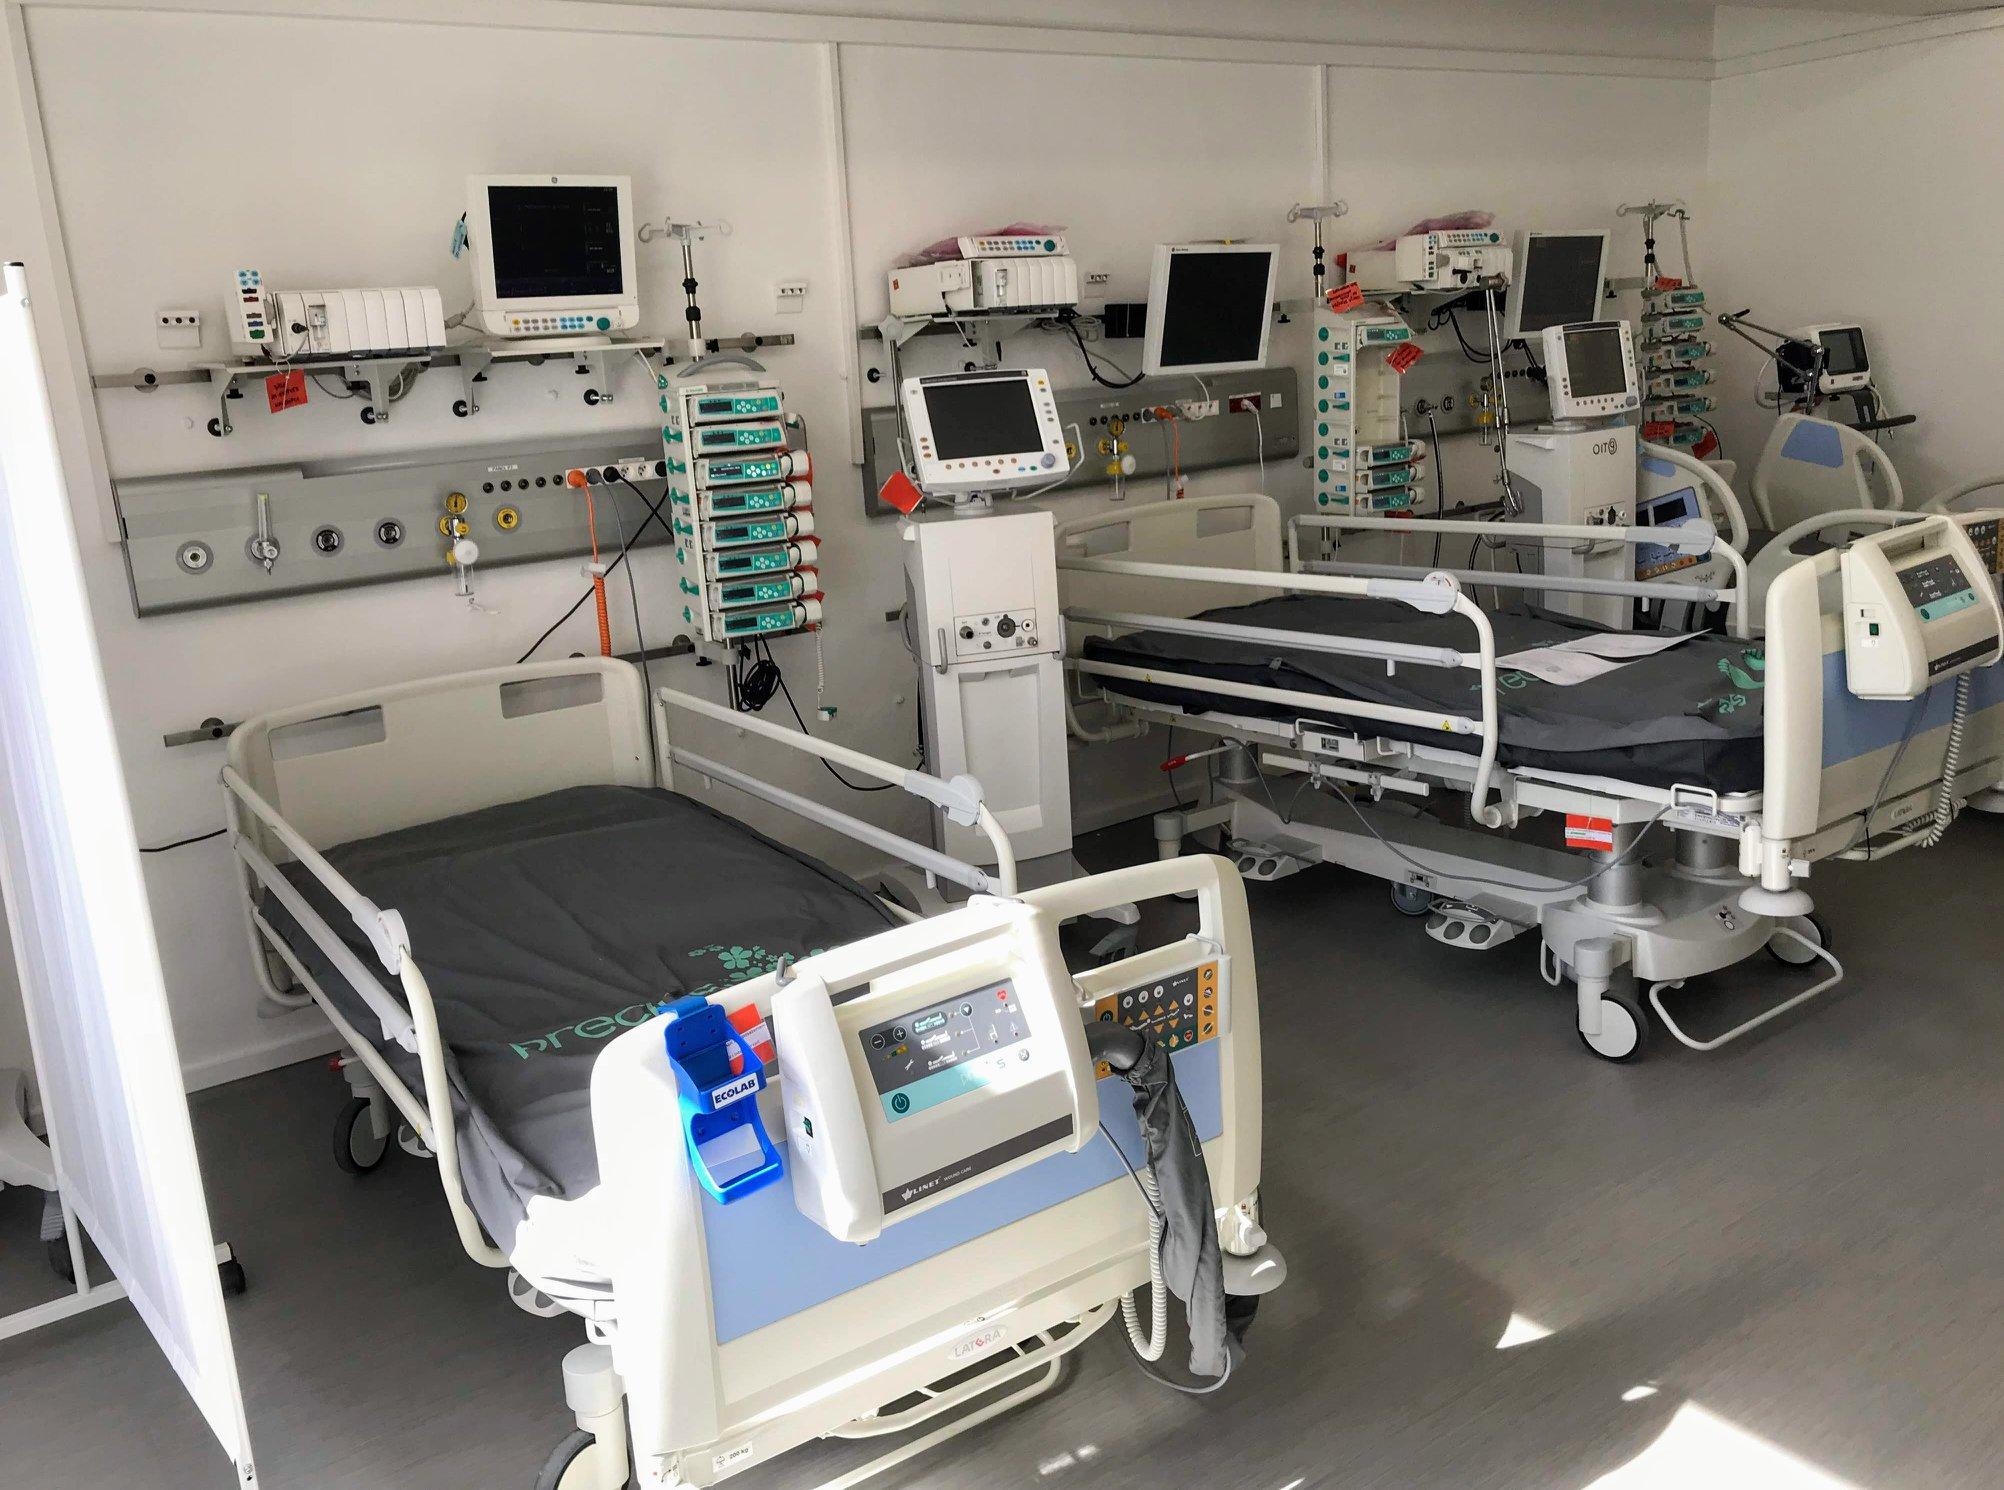 Zarażony koronawirusem Chocianowianin wyszedł ze szpitala